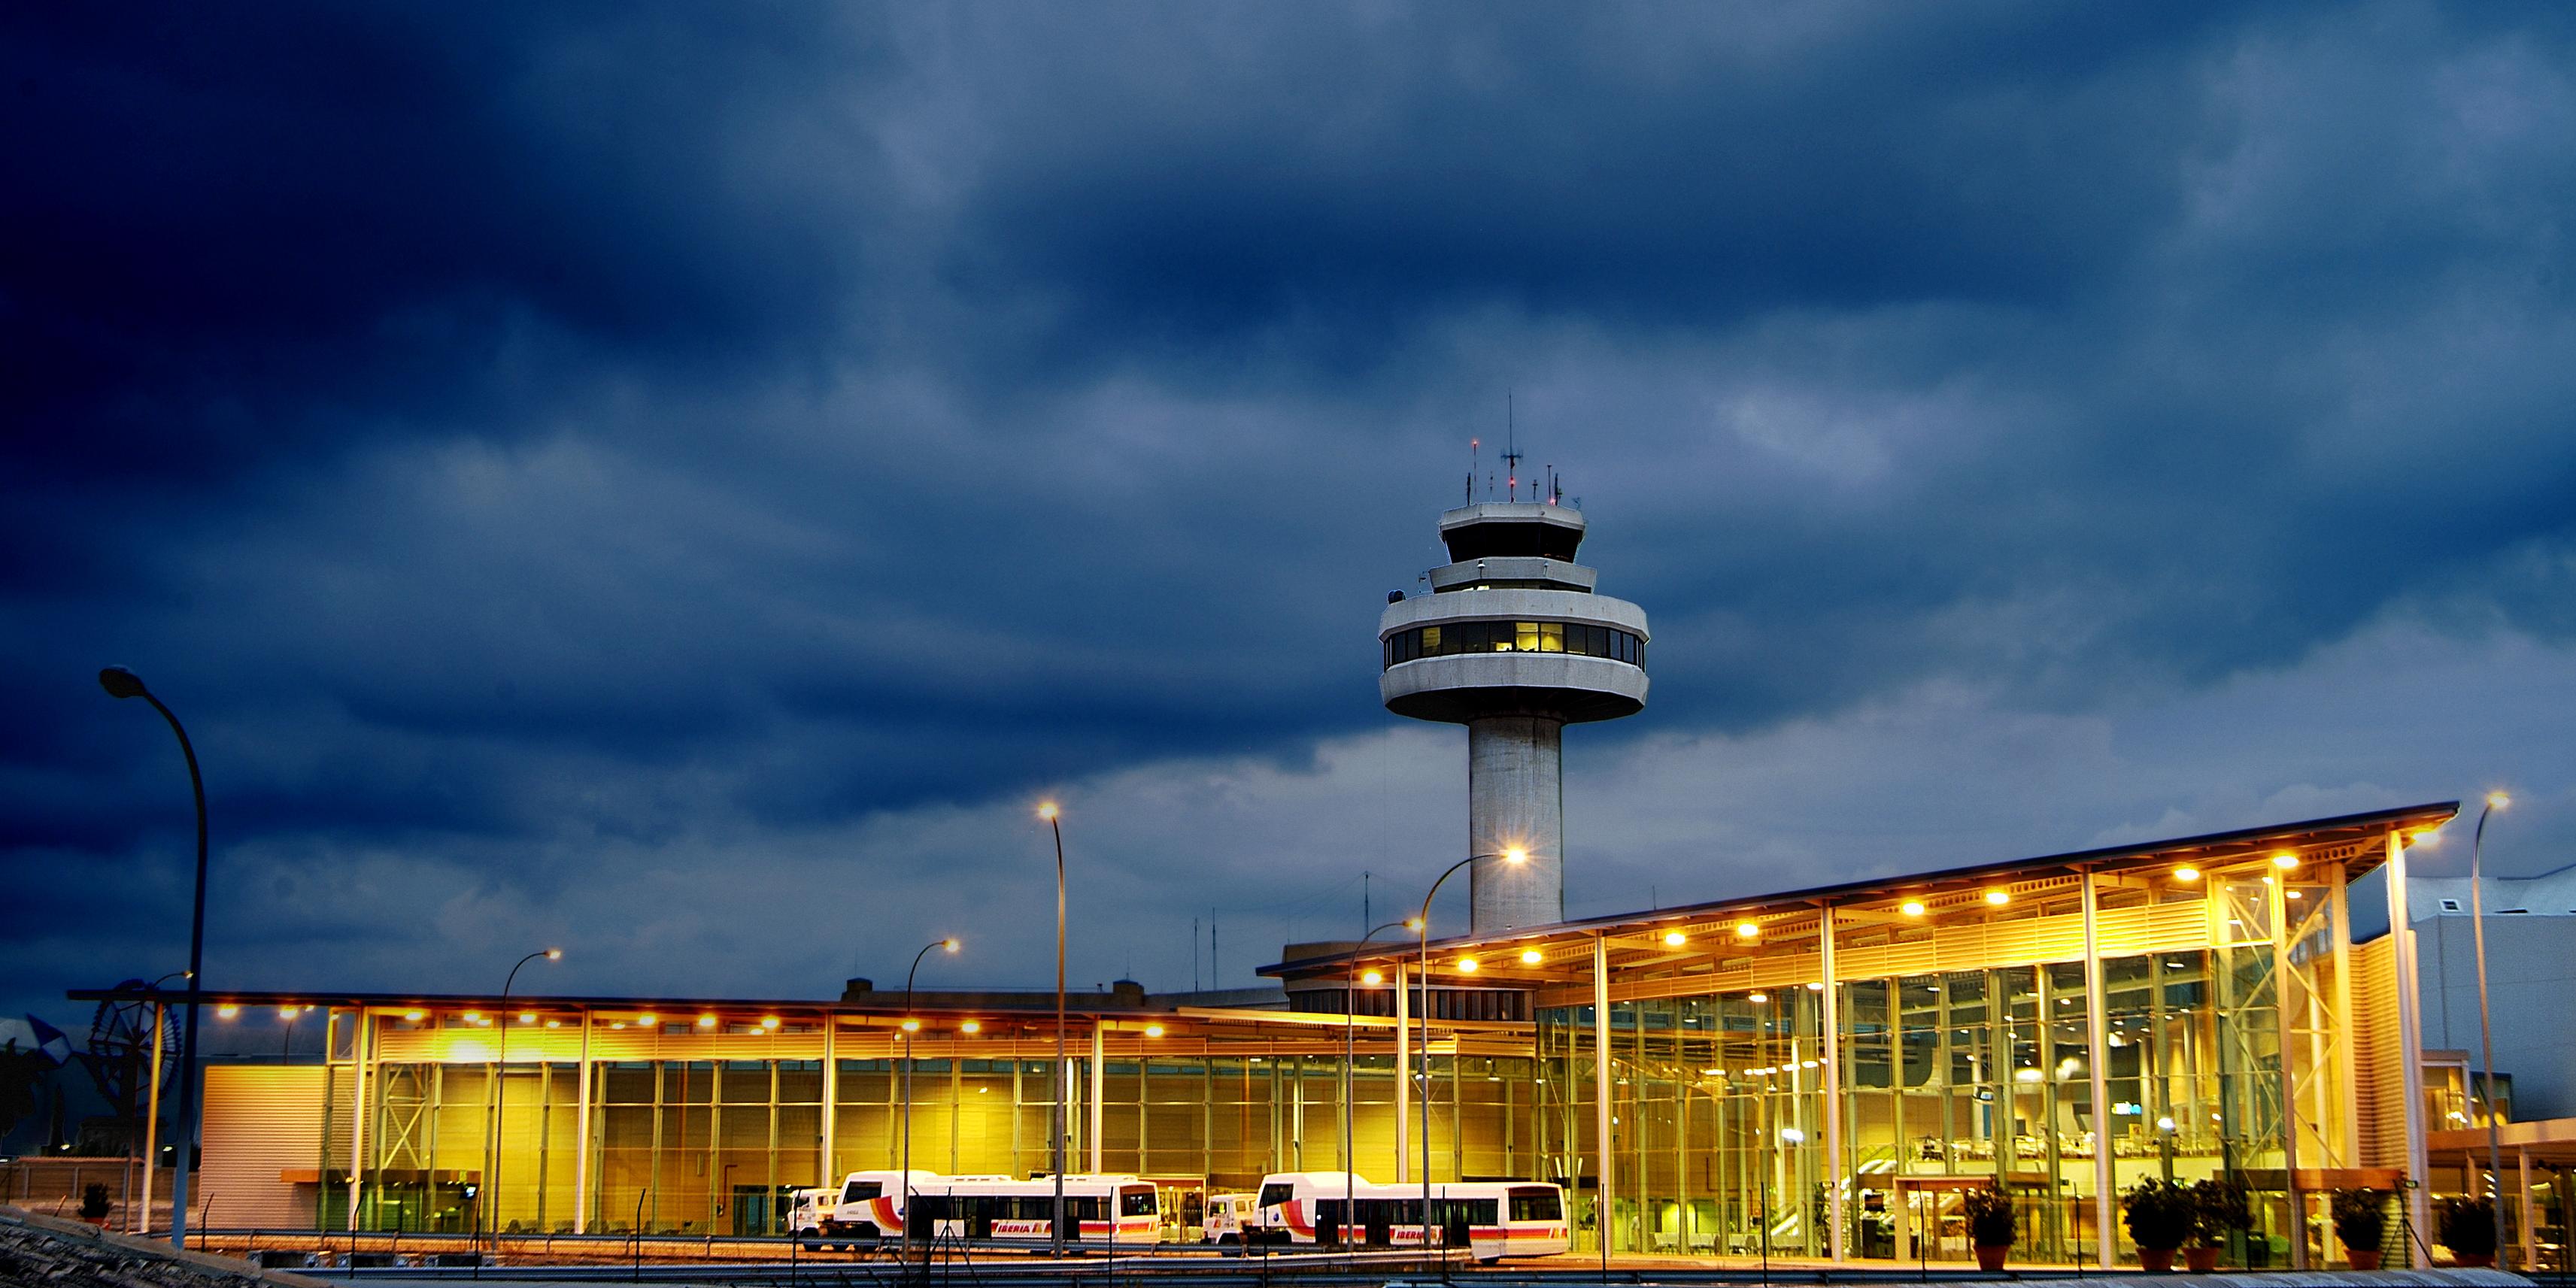 Edificio interislas aeropuerto Palma Mallorca